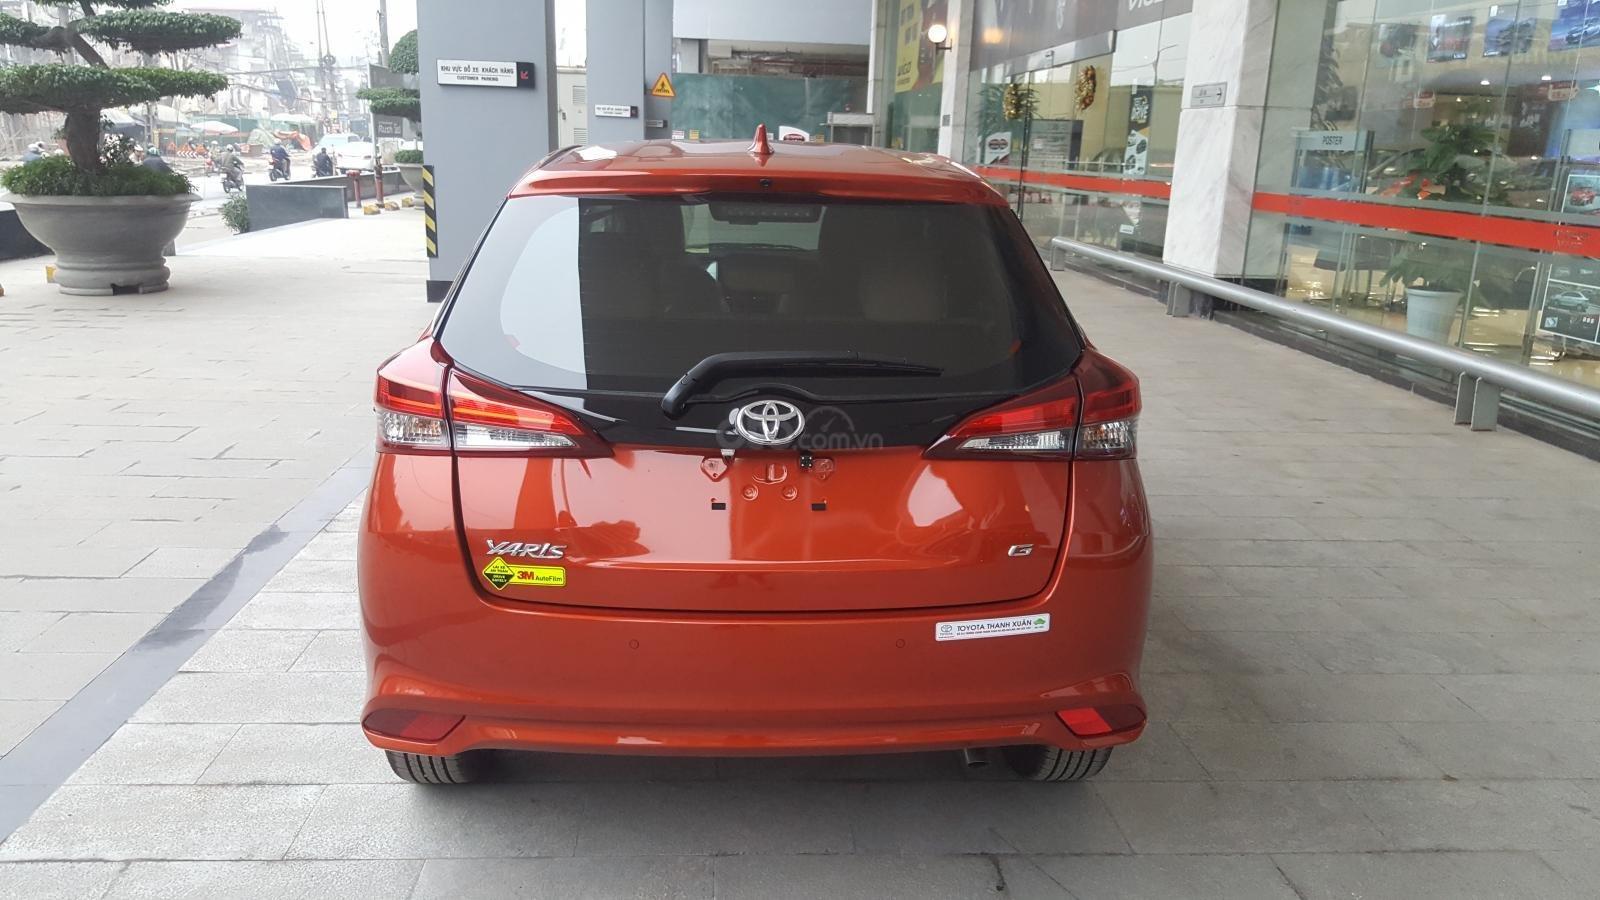 Bán Toyota Yaris nhập khẩu giao ngay, chiết khấu tiền mặt, hỗ trợ mua trả góp-3